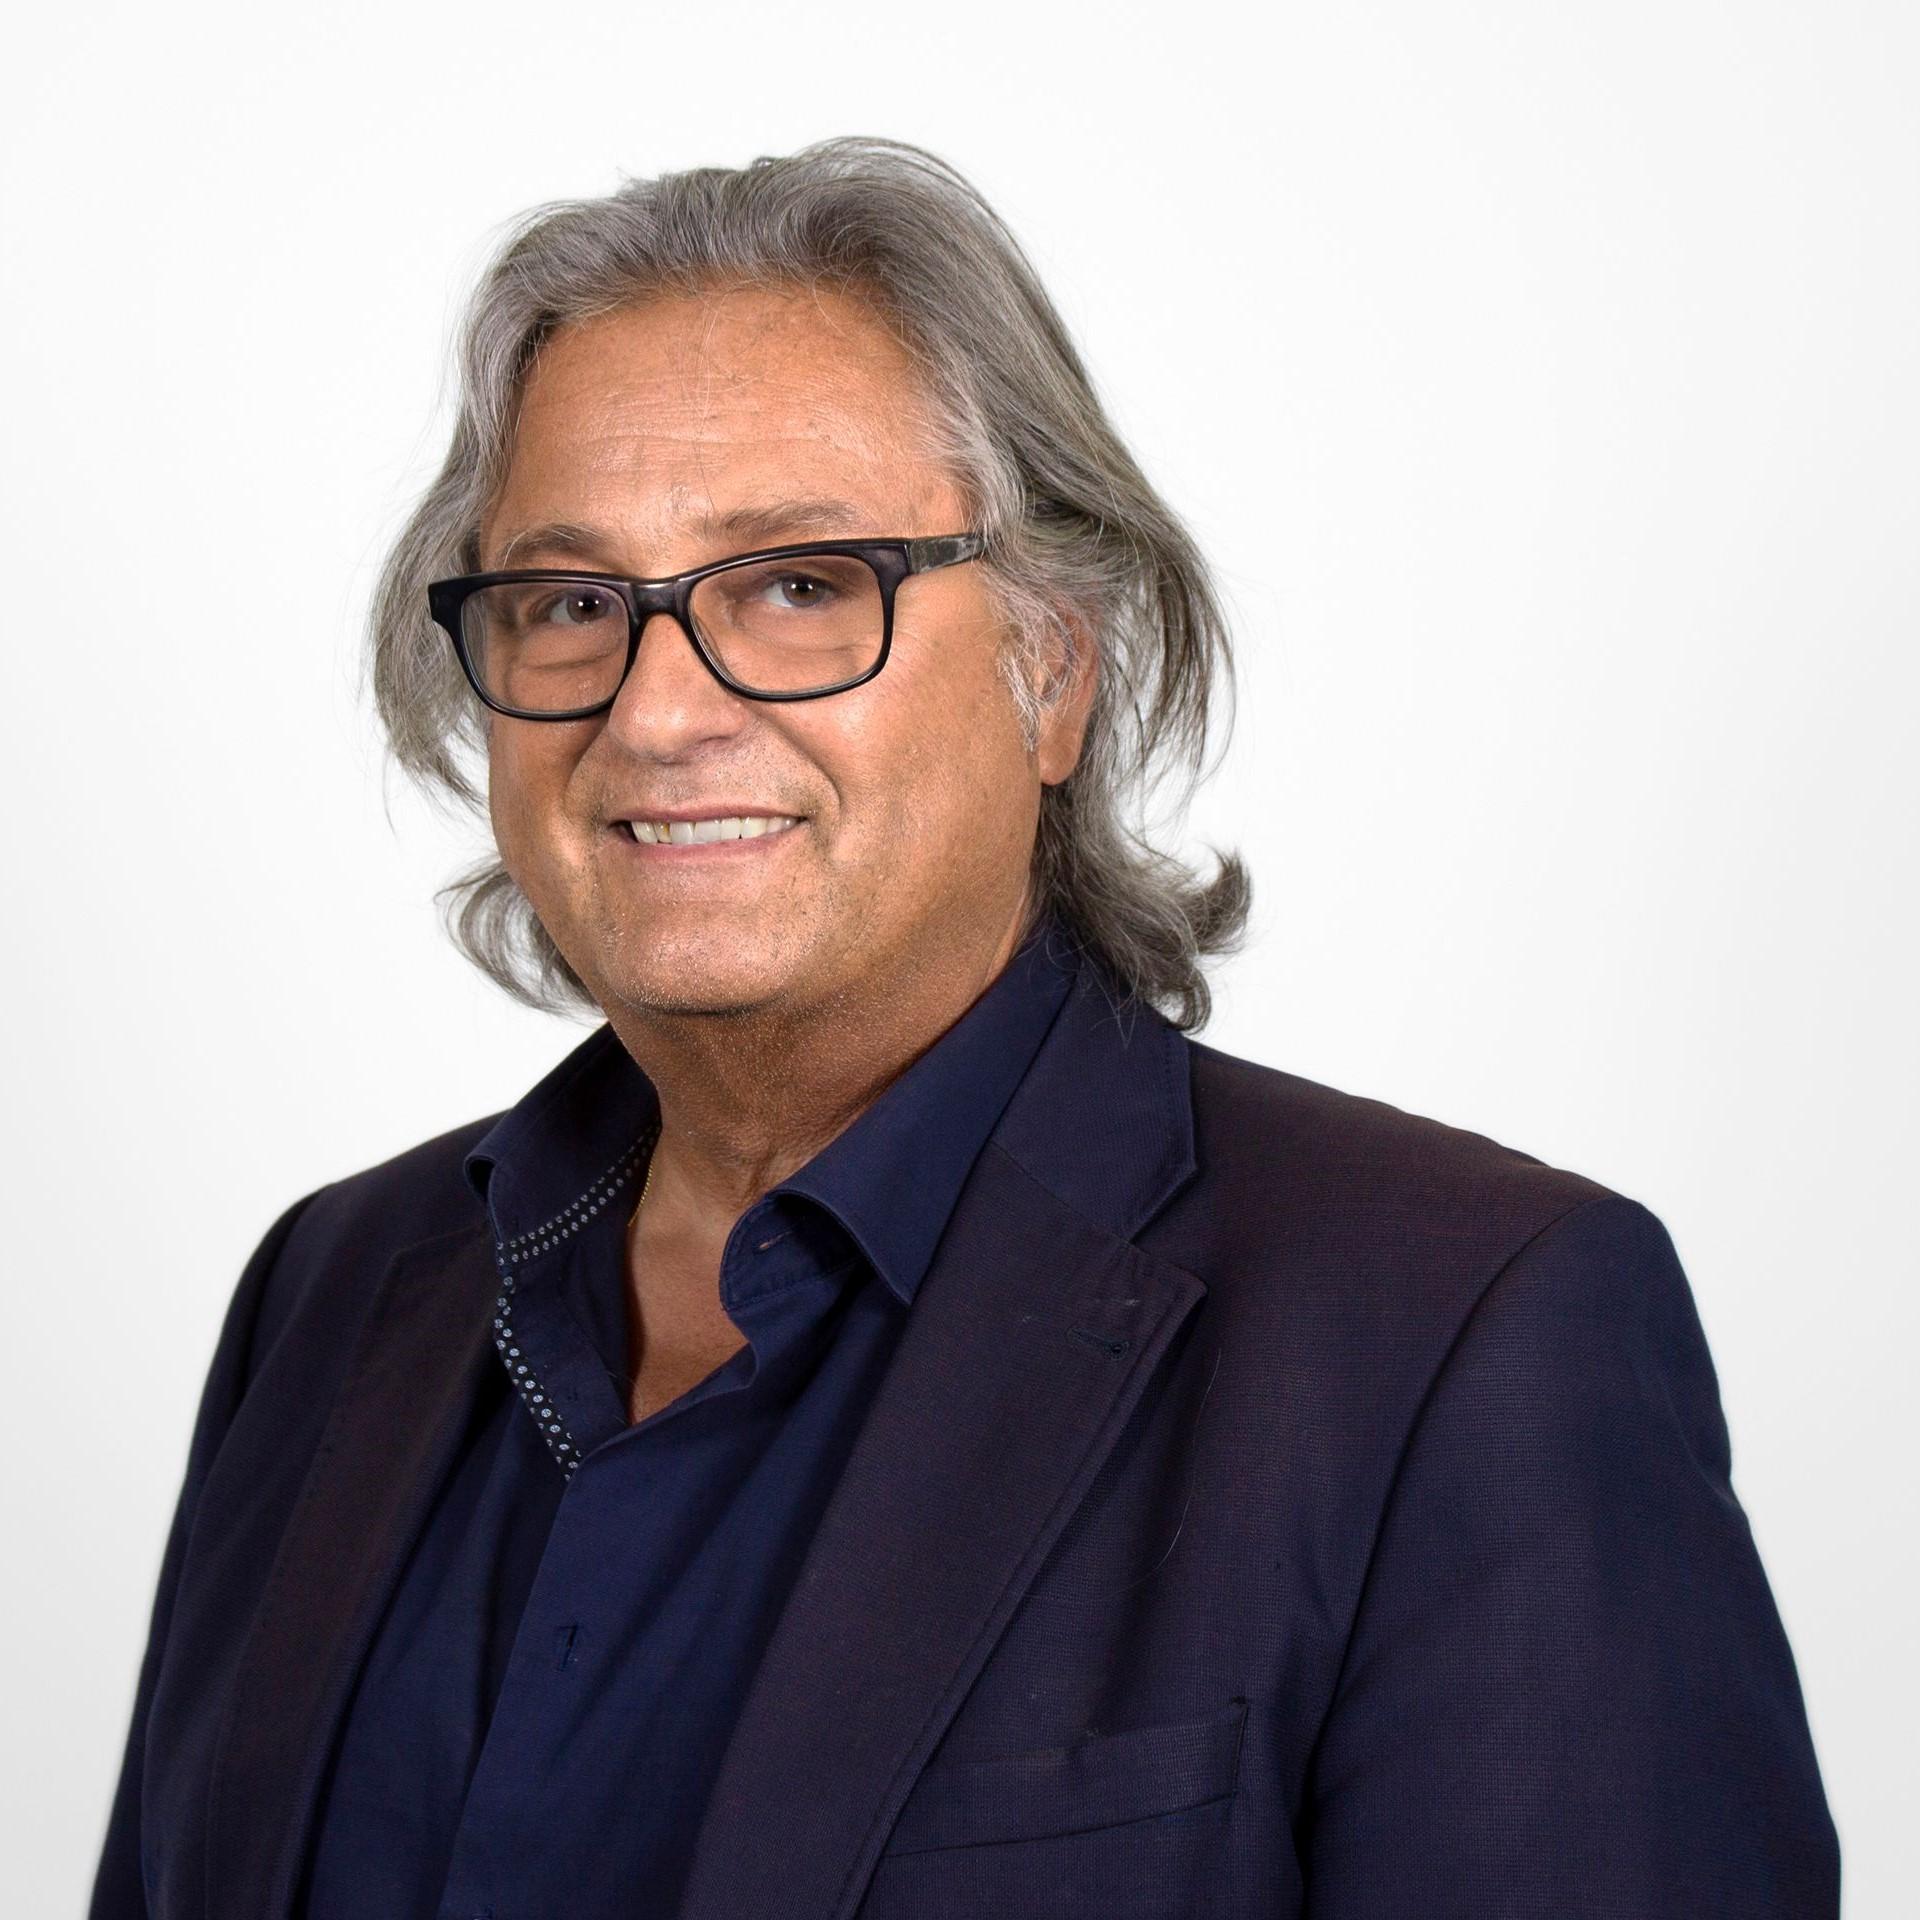 Bruno Birchmeier : Projektleiter